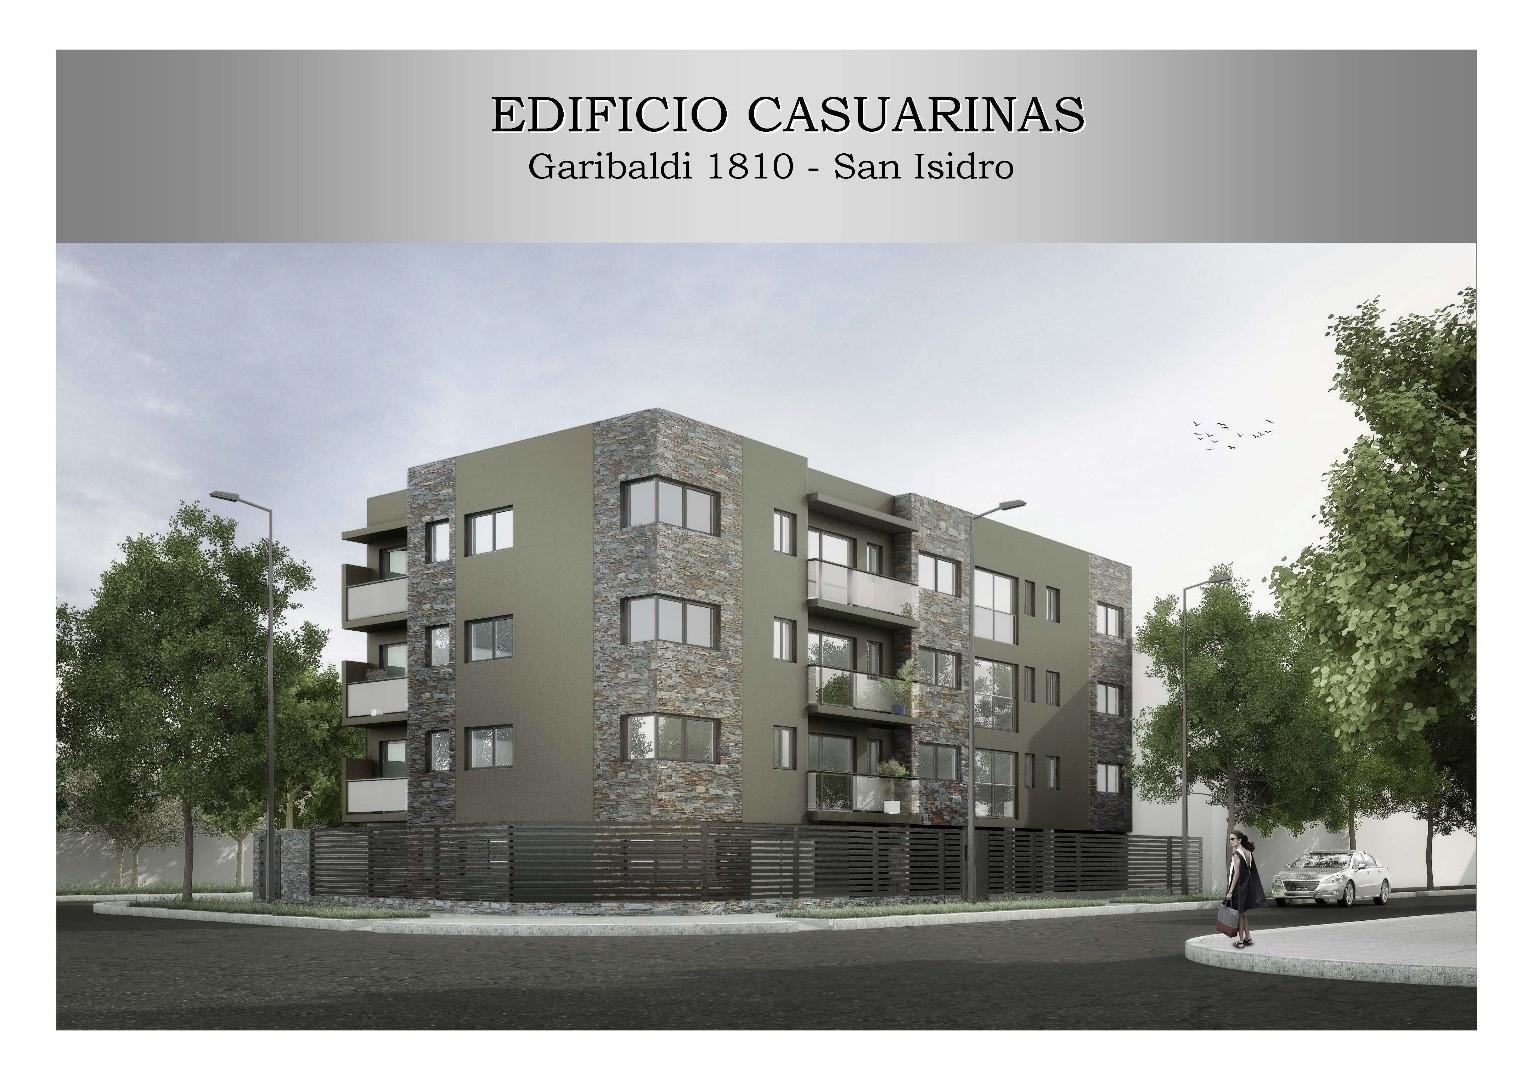 Venta Departamentos 3 Ambientes en Garibaldi al 800